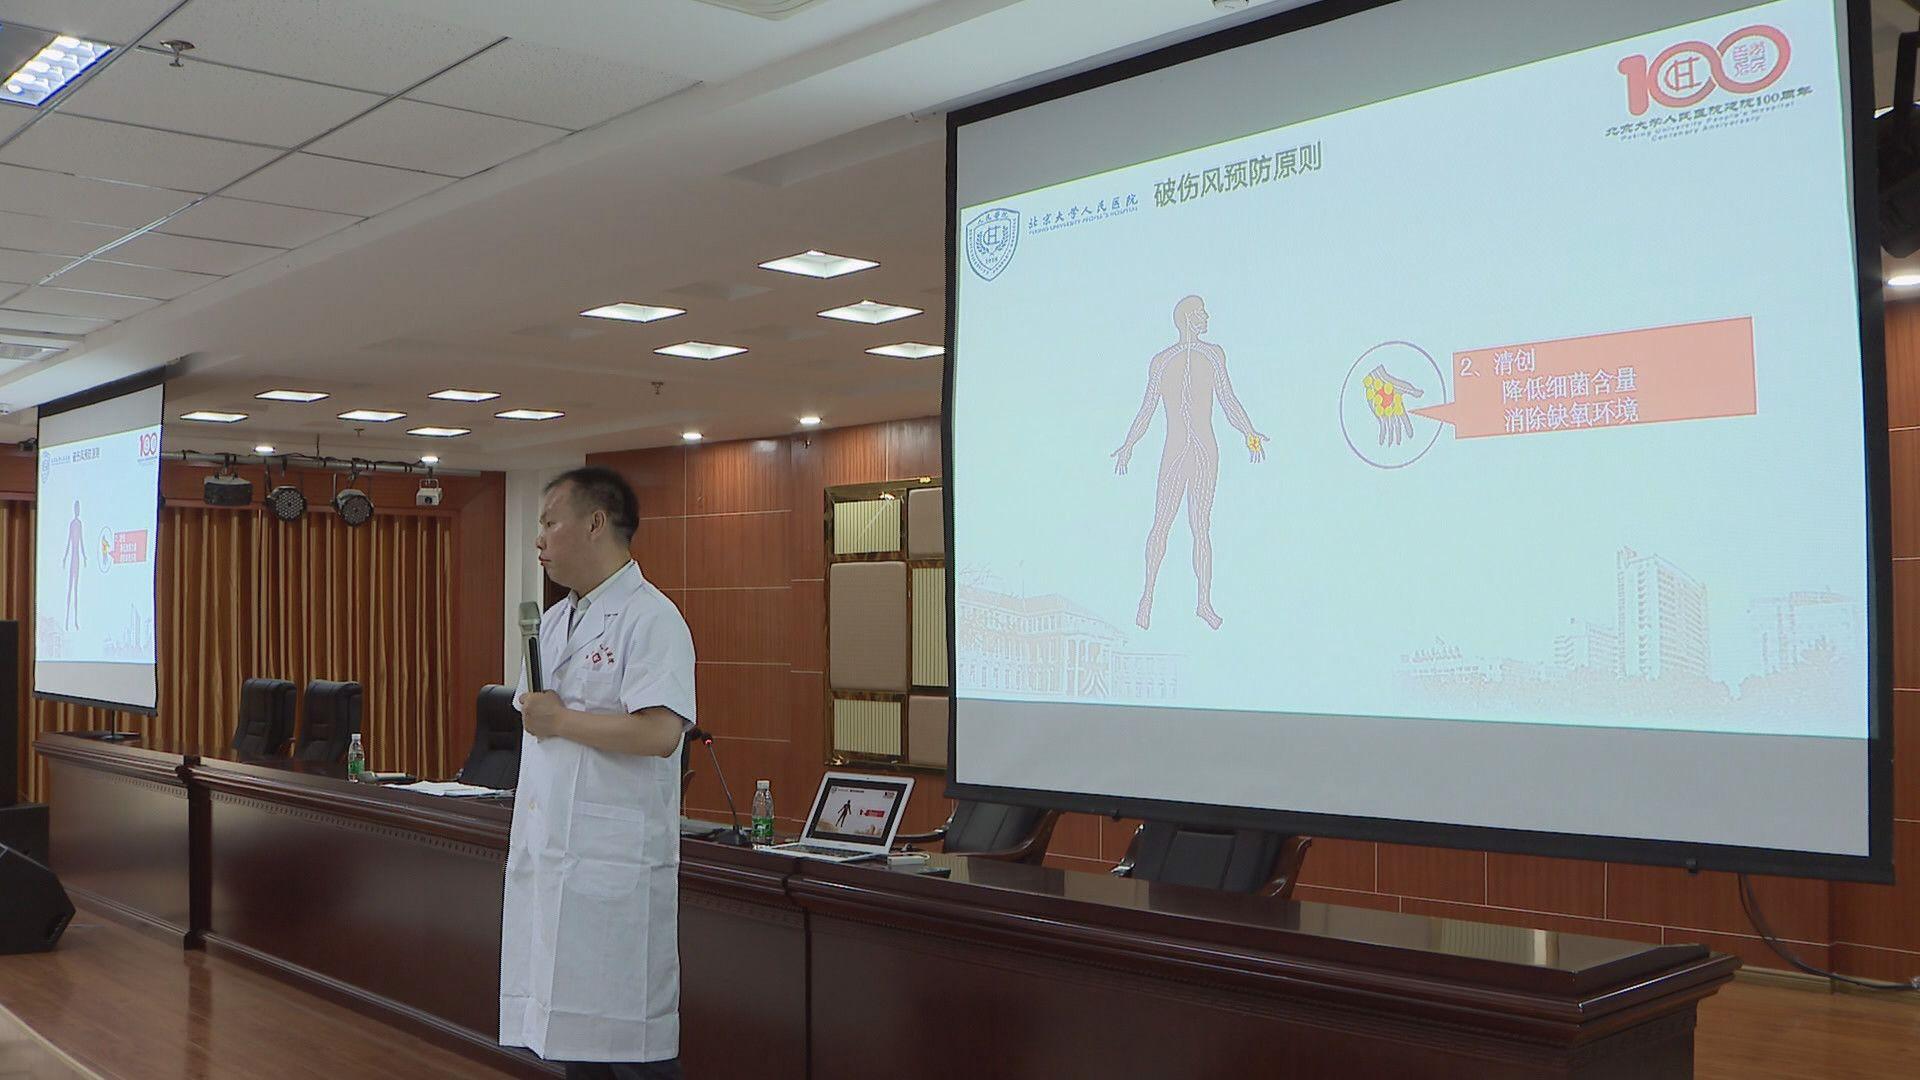 京沪粤赣籍医学专家在吉水县举行学术交流讲座